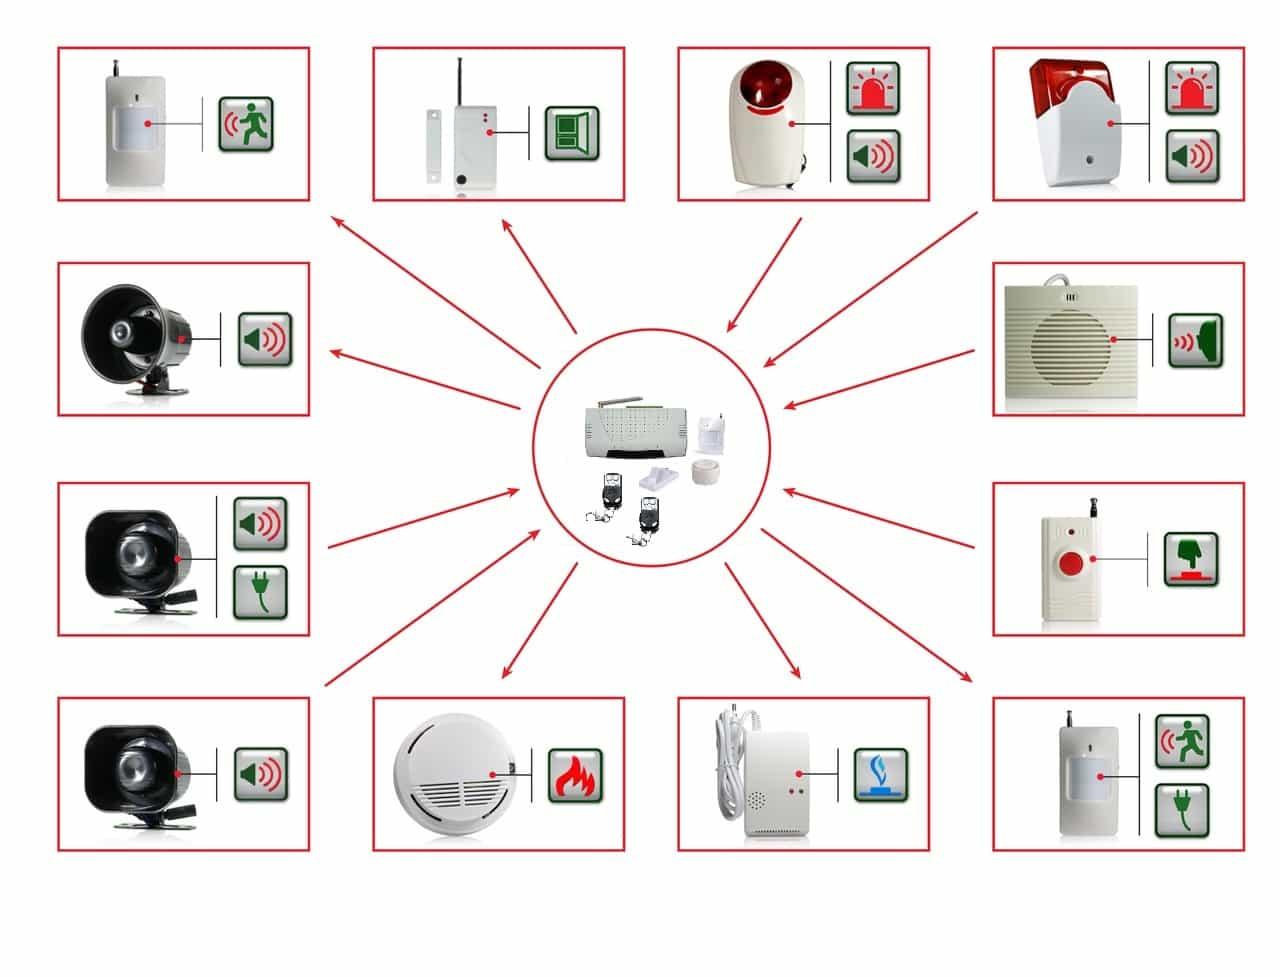 системы охранно пожарной сигнализации